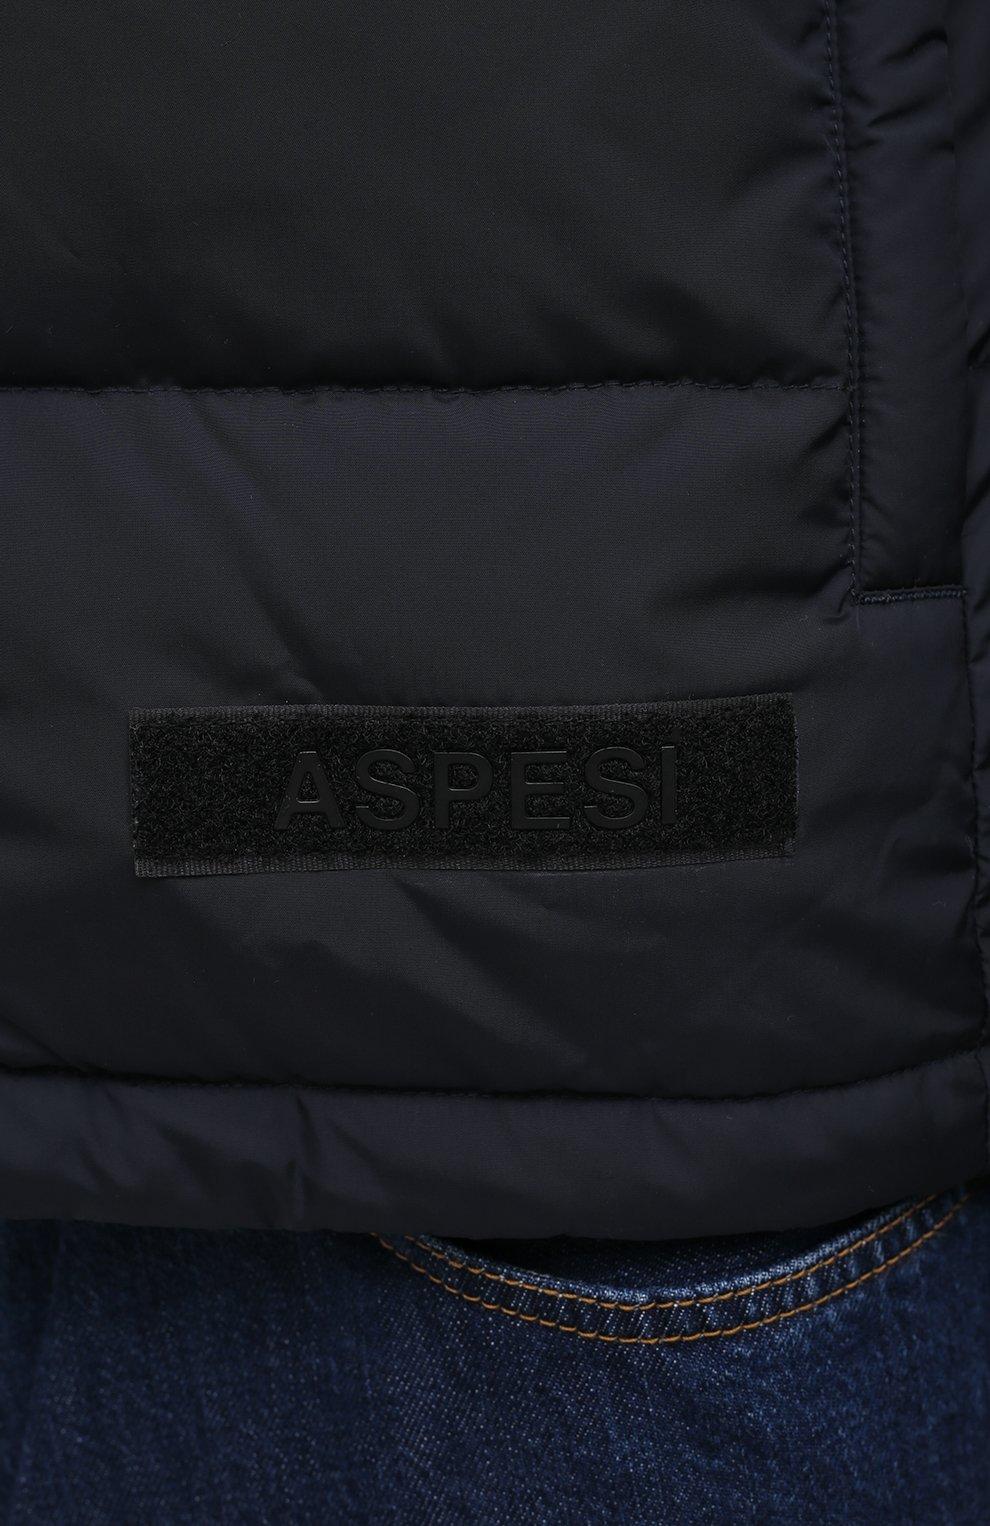 Мужская пуховая куртка ASPESI темно-синего цвета, арт. W0 I I018 7954 | Фото 5 (Кросс-КТ: Куртка, Пуховик; Мужское Кросс-КТ: пуховик-короткий, Пуховик-верхняя одежда, Верхняя одежда; Рукава: Длинные; Материал внешний: Синтетический материал; Материал подклада: Синтетический материал; Длина (верхняя одежда): Короткие; Стили: Кэжуэл)